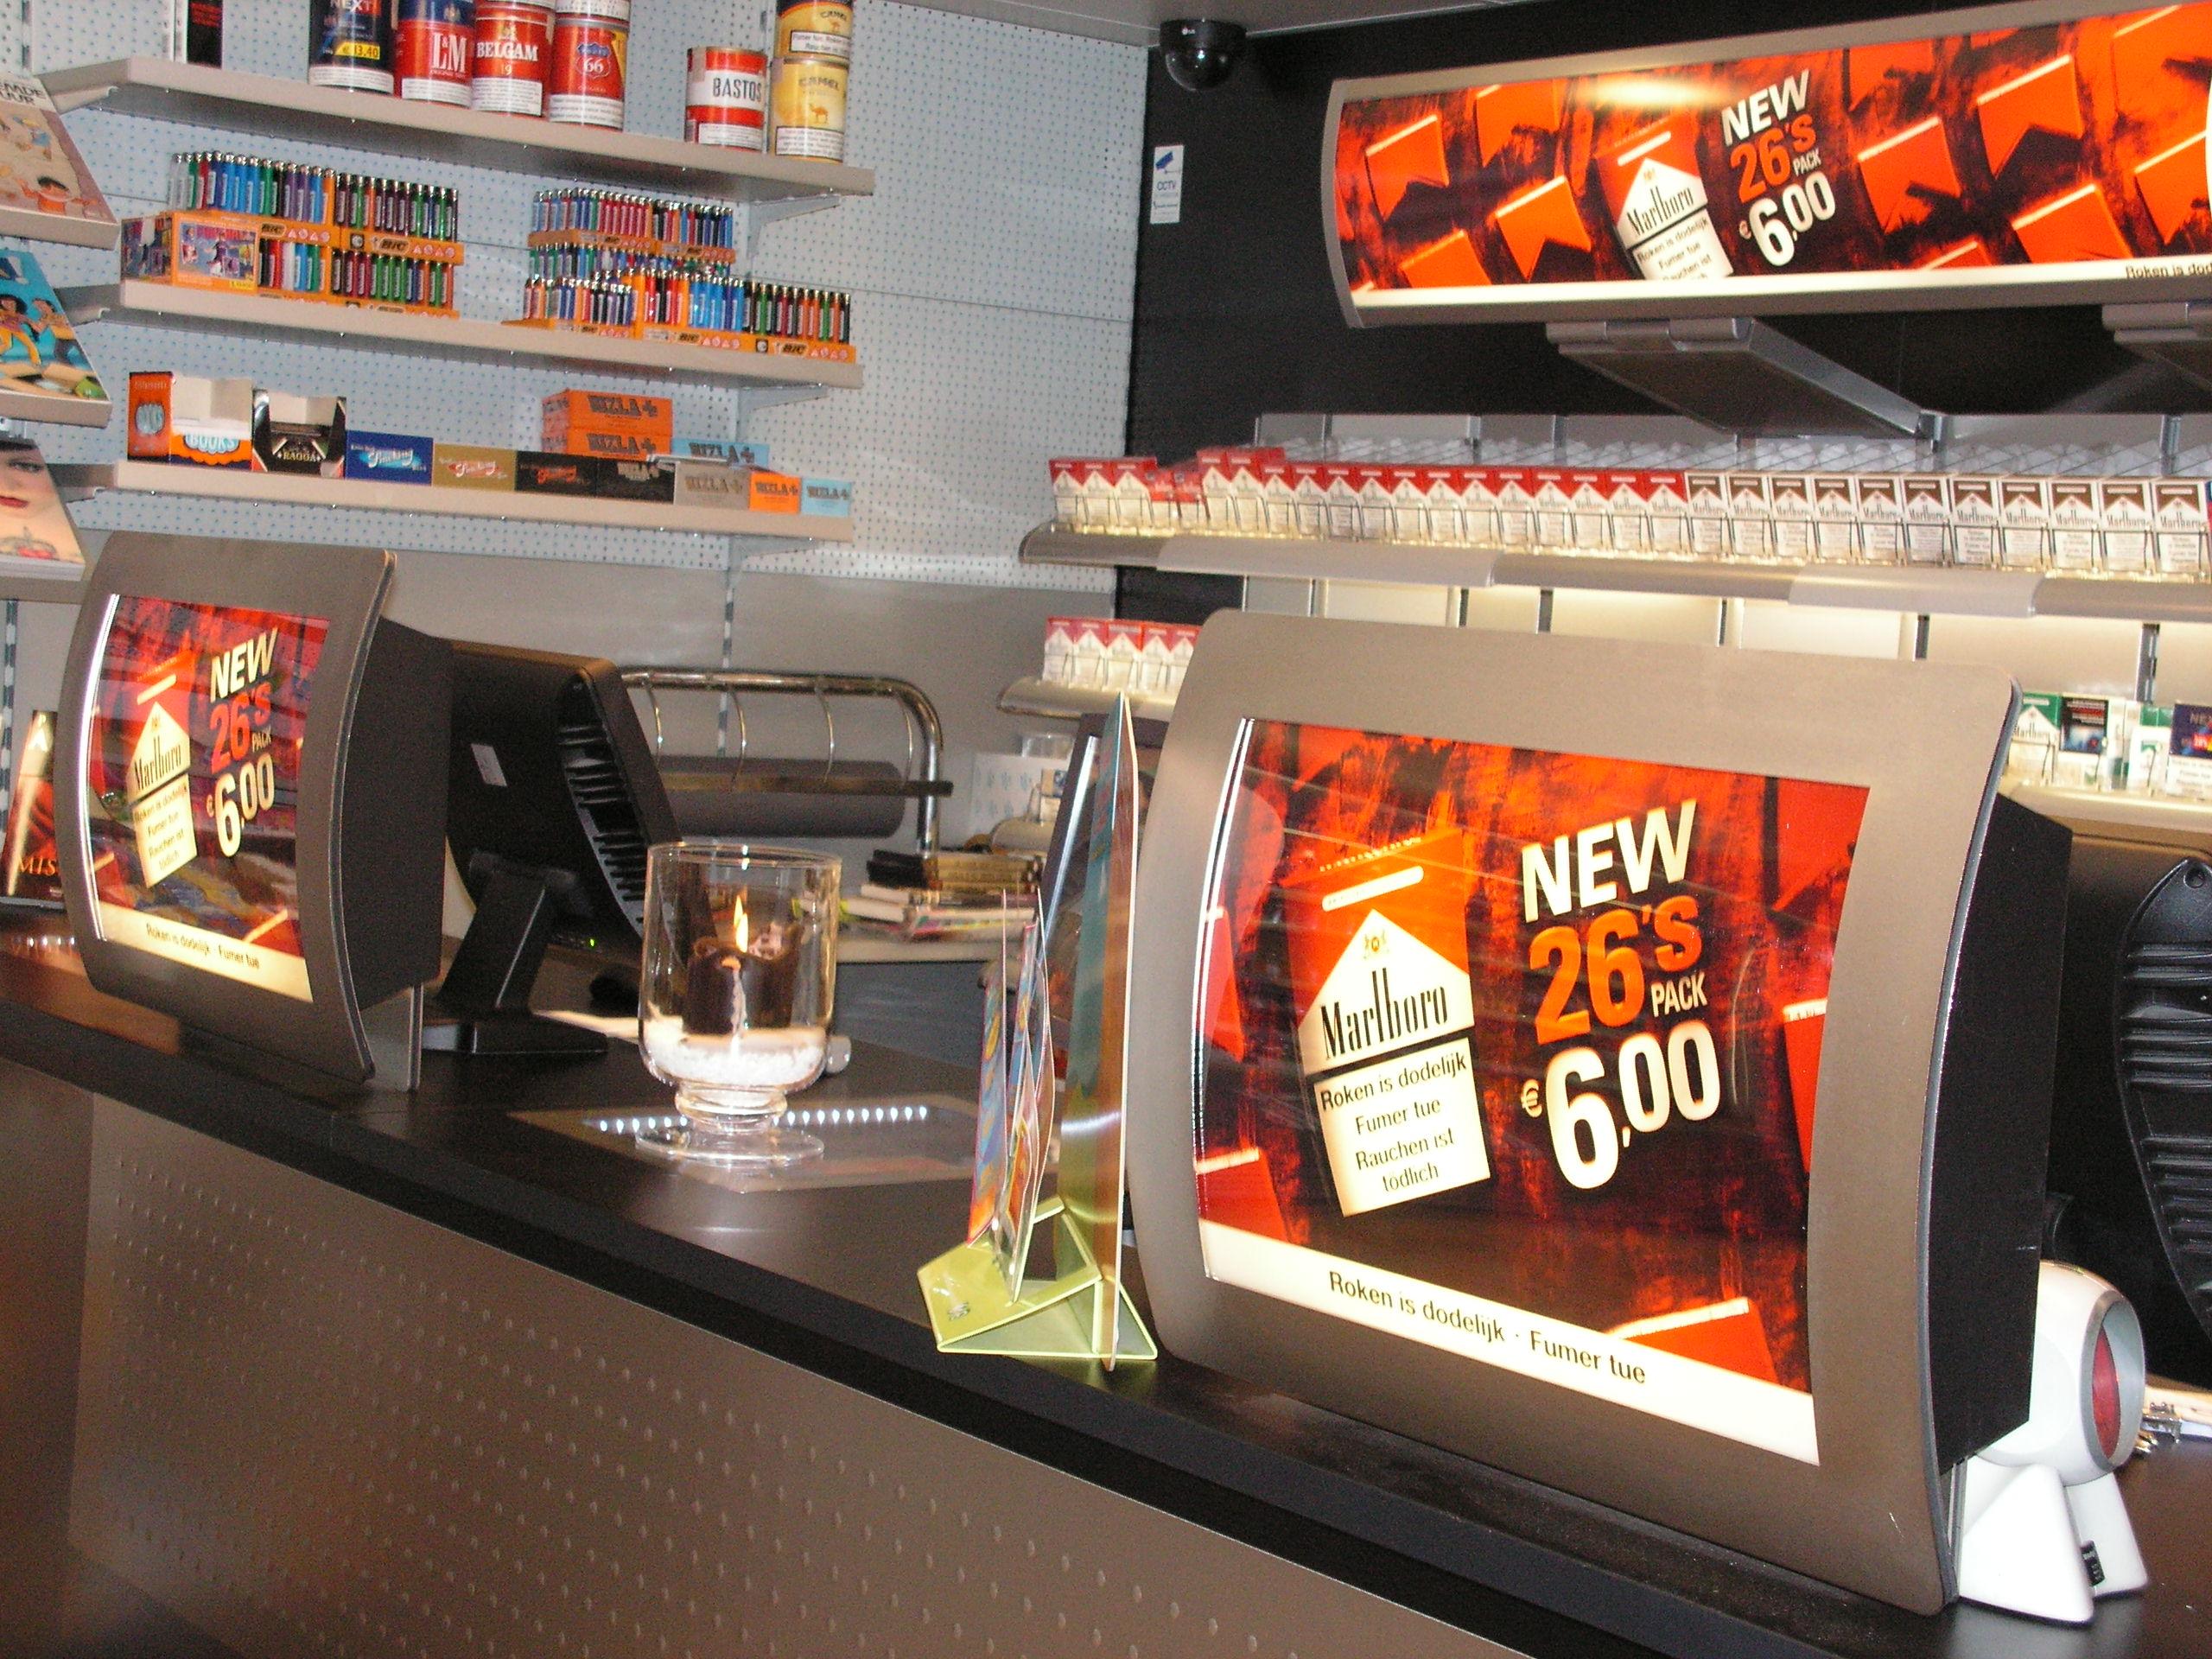 Tabaksreclame in uw winkel vanaf 1 januari nu echt verboden